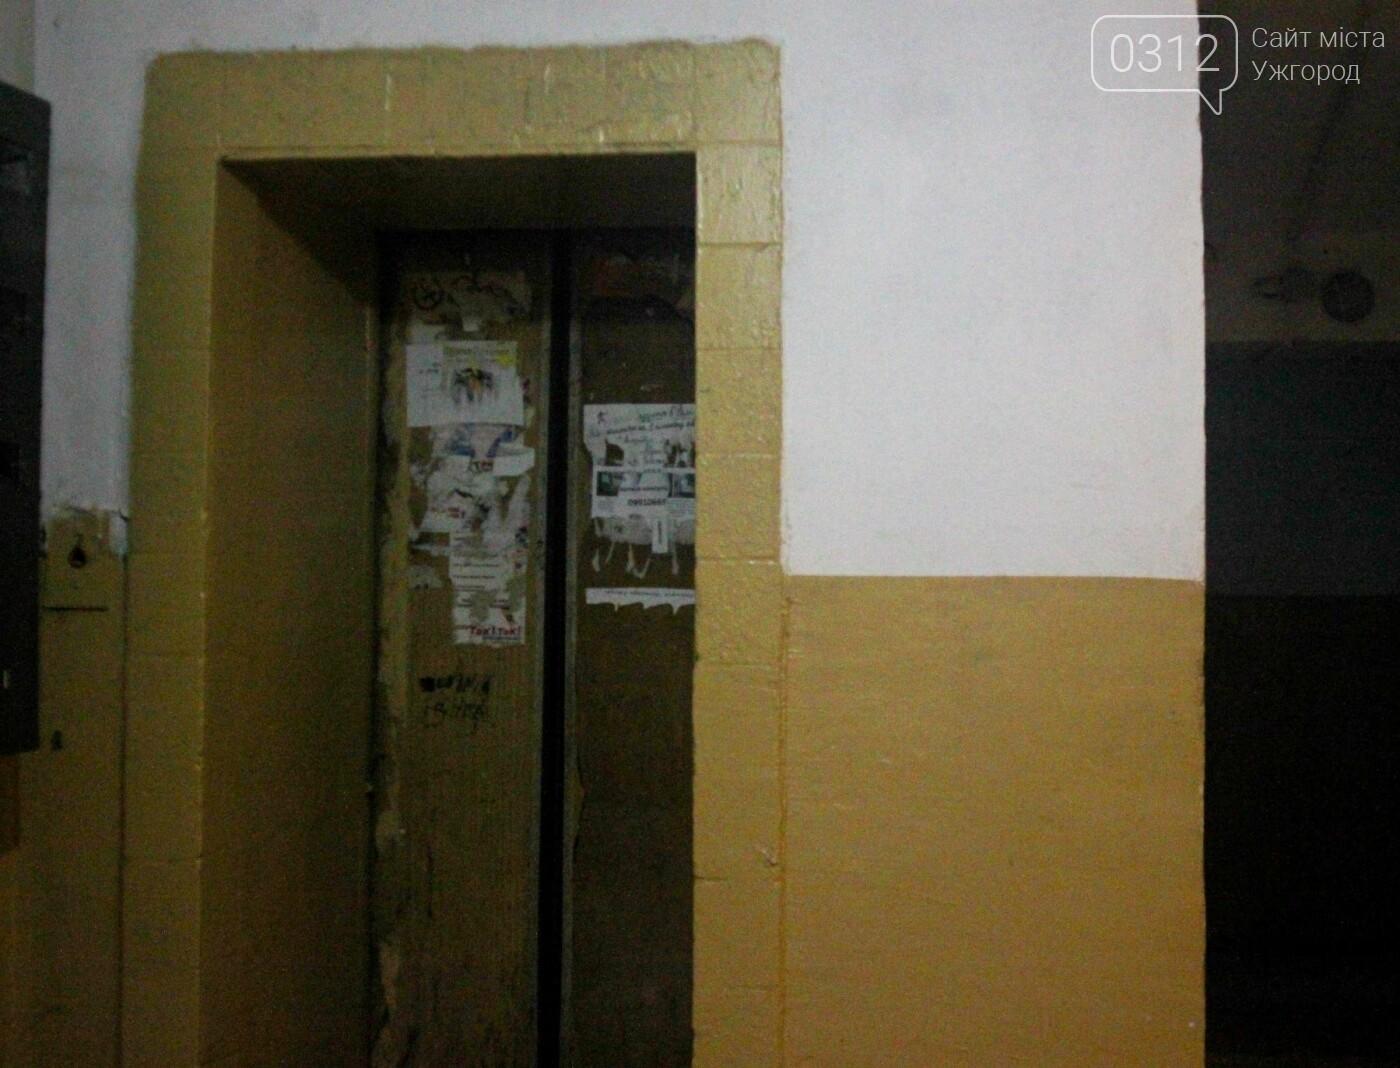 """""""Хвора бабуся не виходила з будинку 15 років"""": як мешканці 9-поверхівки на Заньковецької в Ужгороді живуть без ліфту (РЕПОРТАЖ), фото-9"""